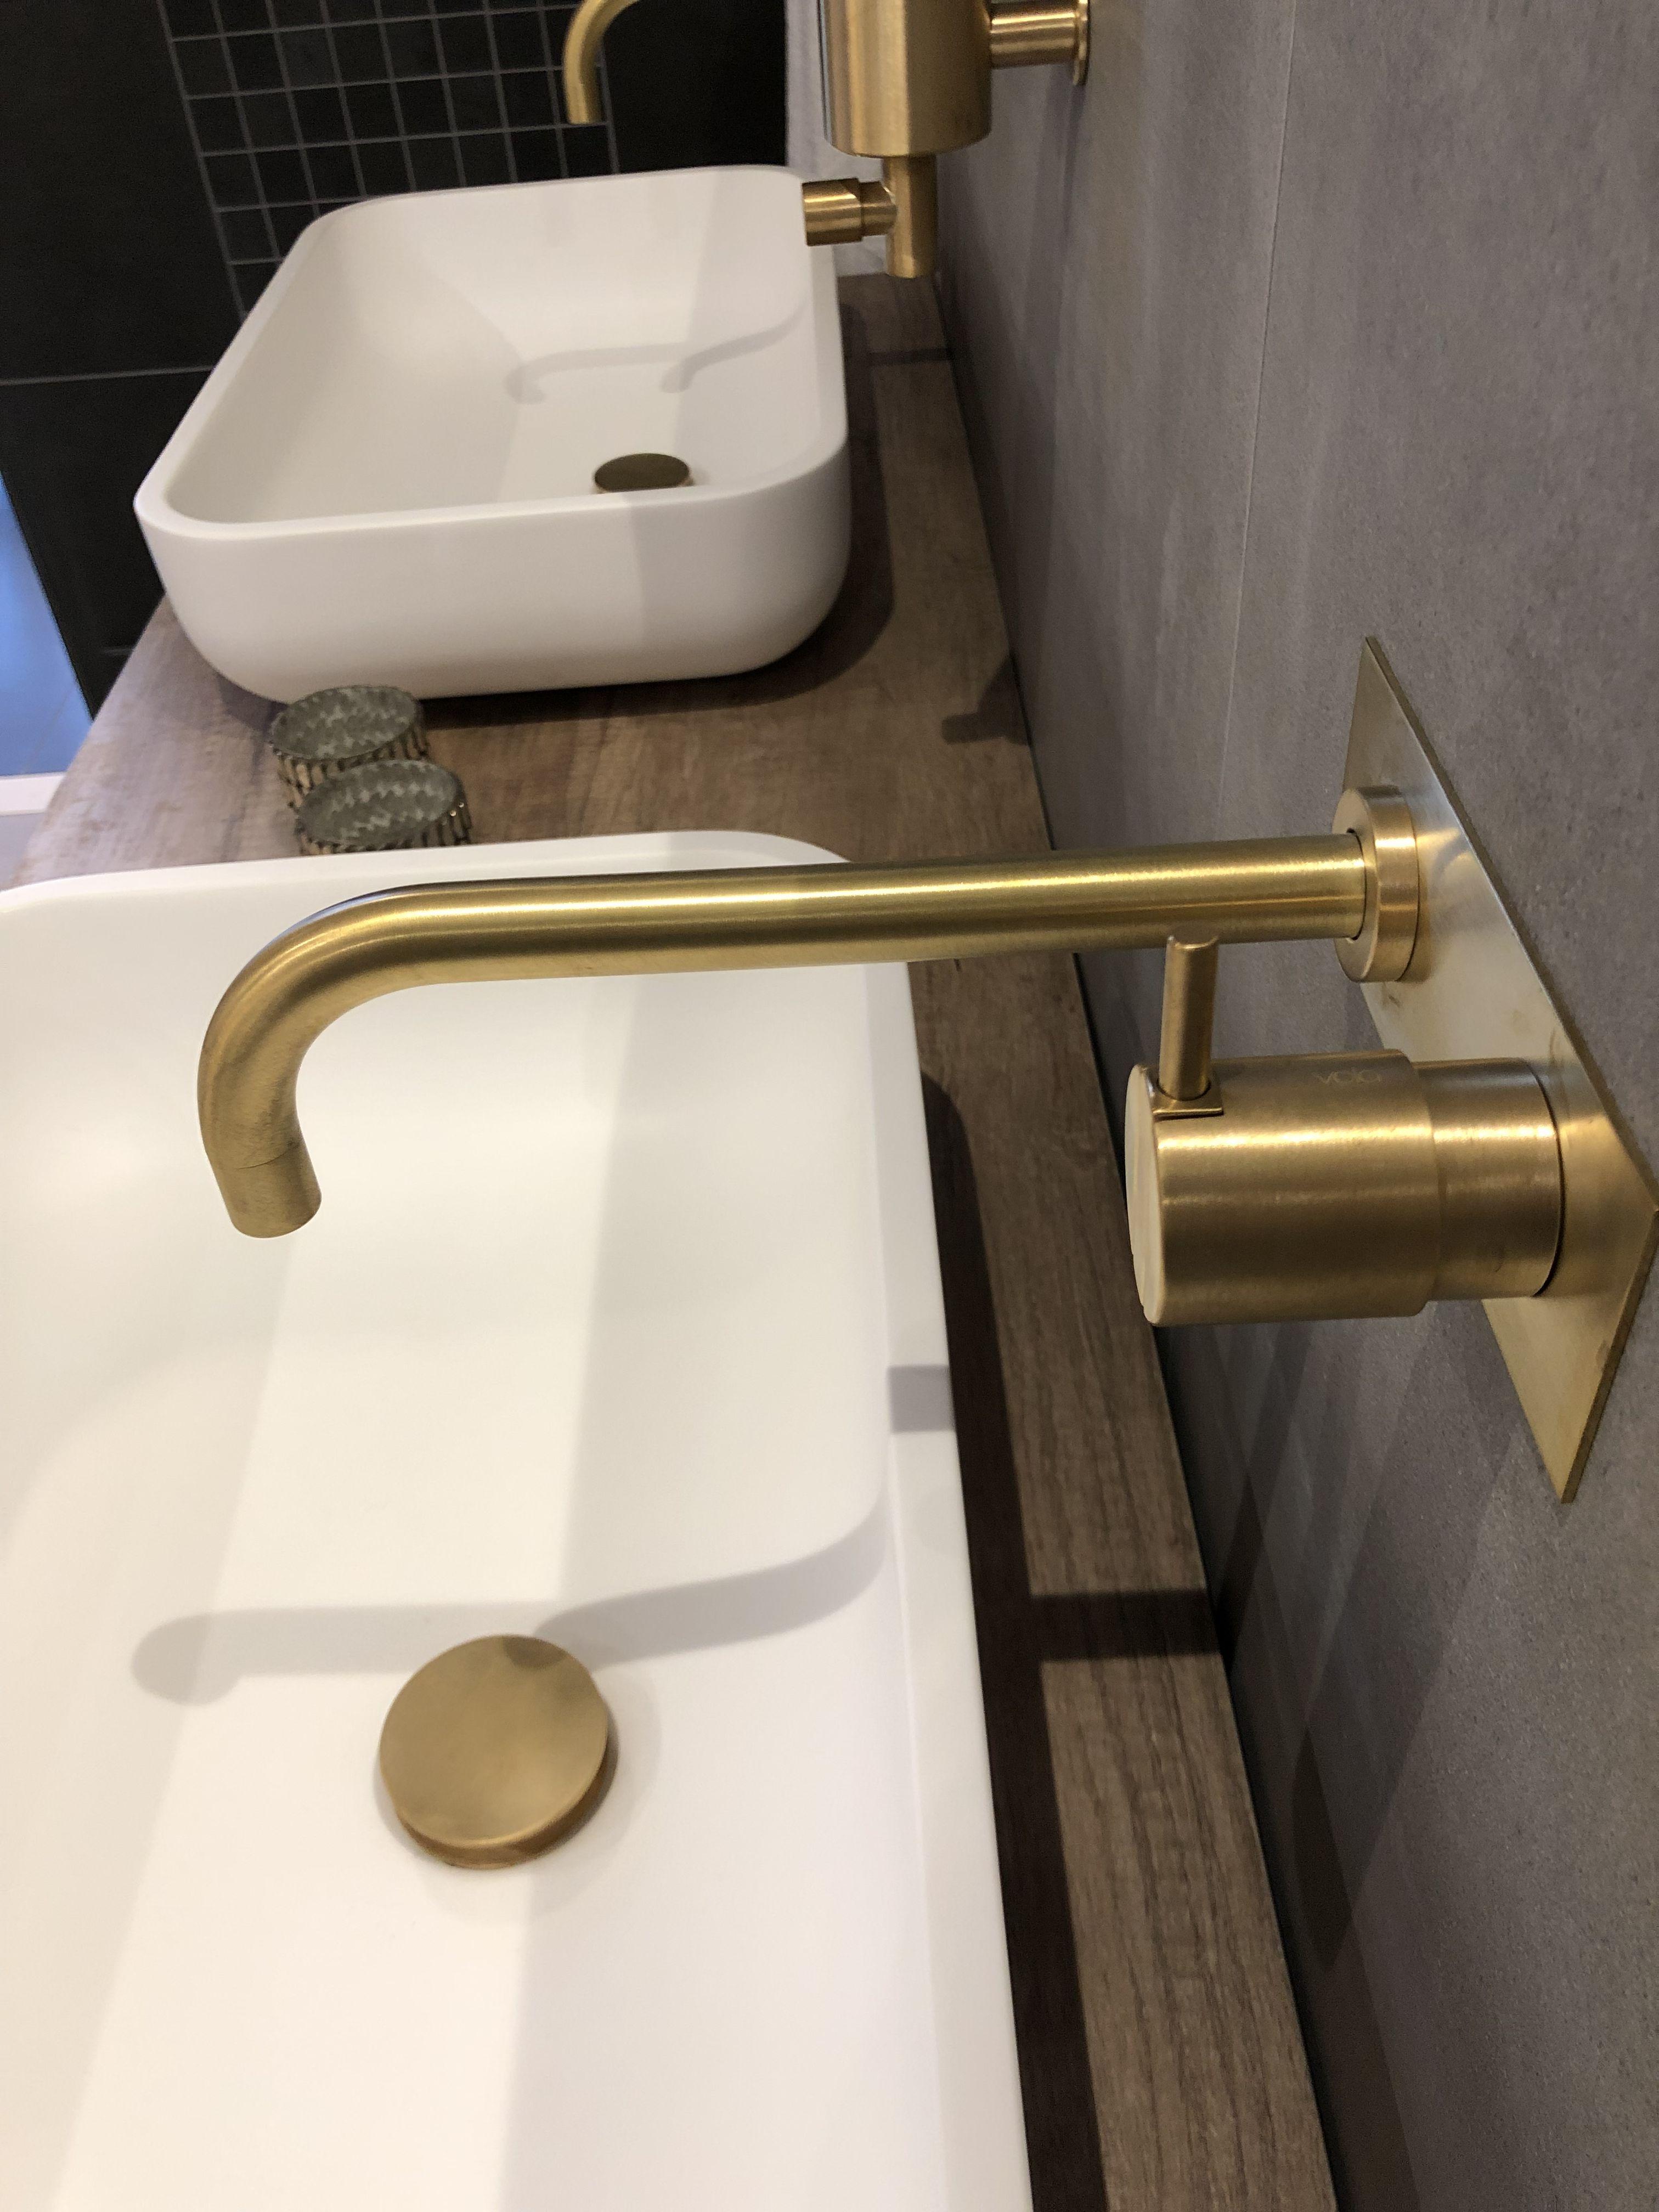 Smuk Armatur Fra Vola I Messing Badevaerelse Toilet Indretning